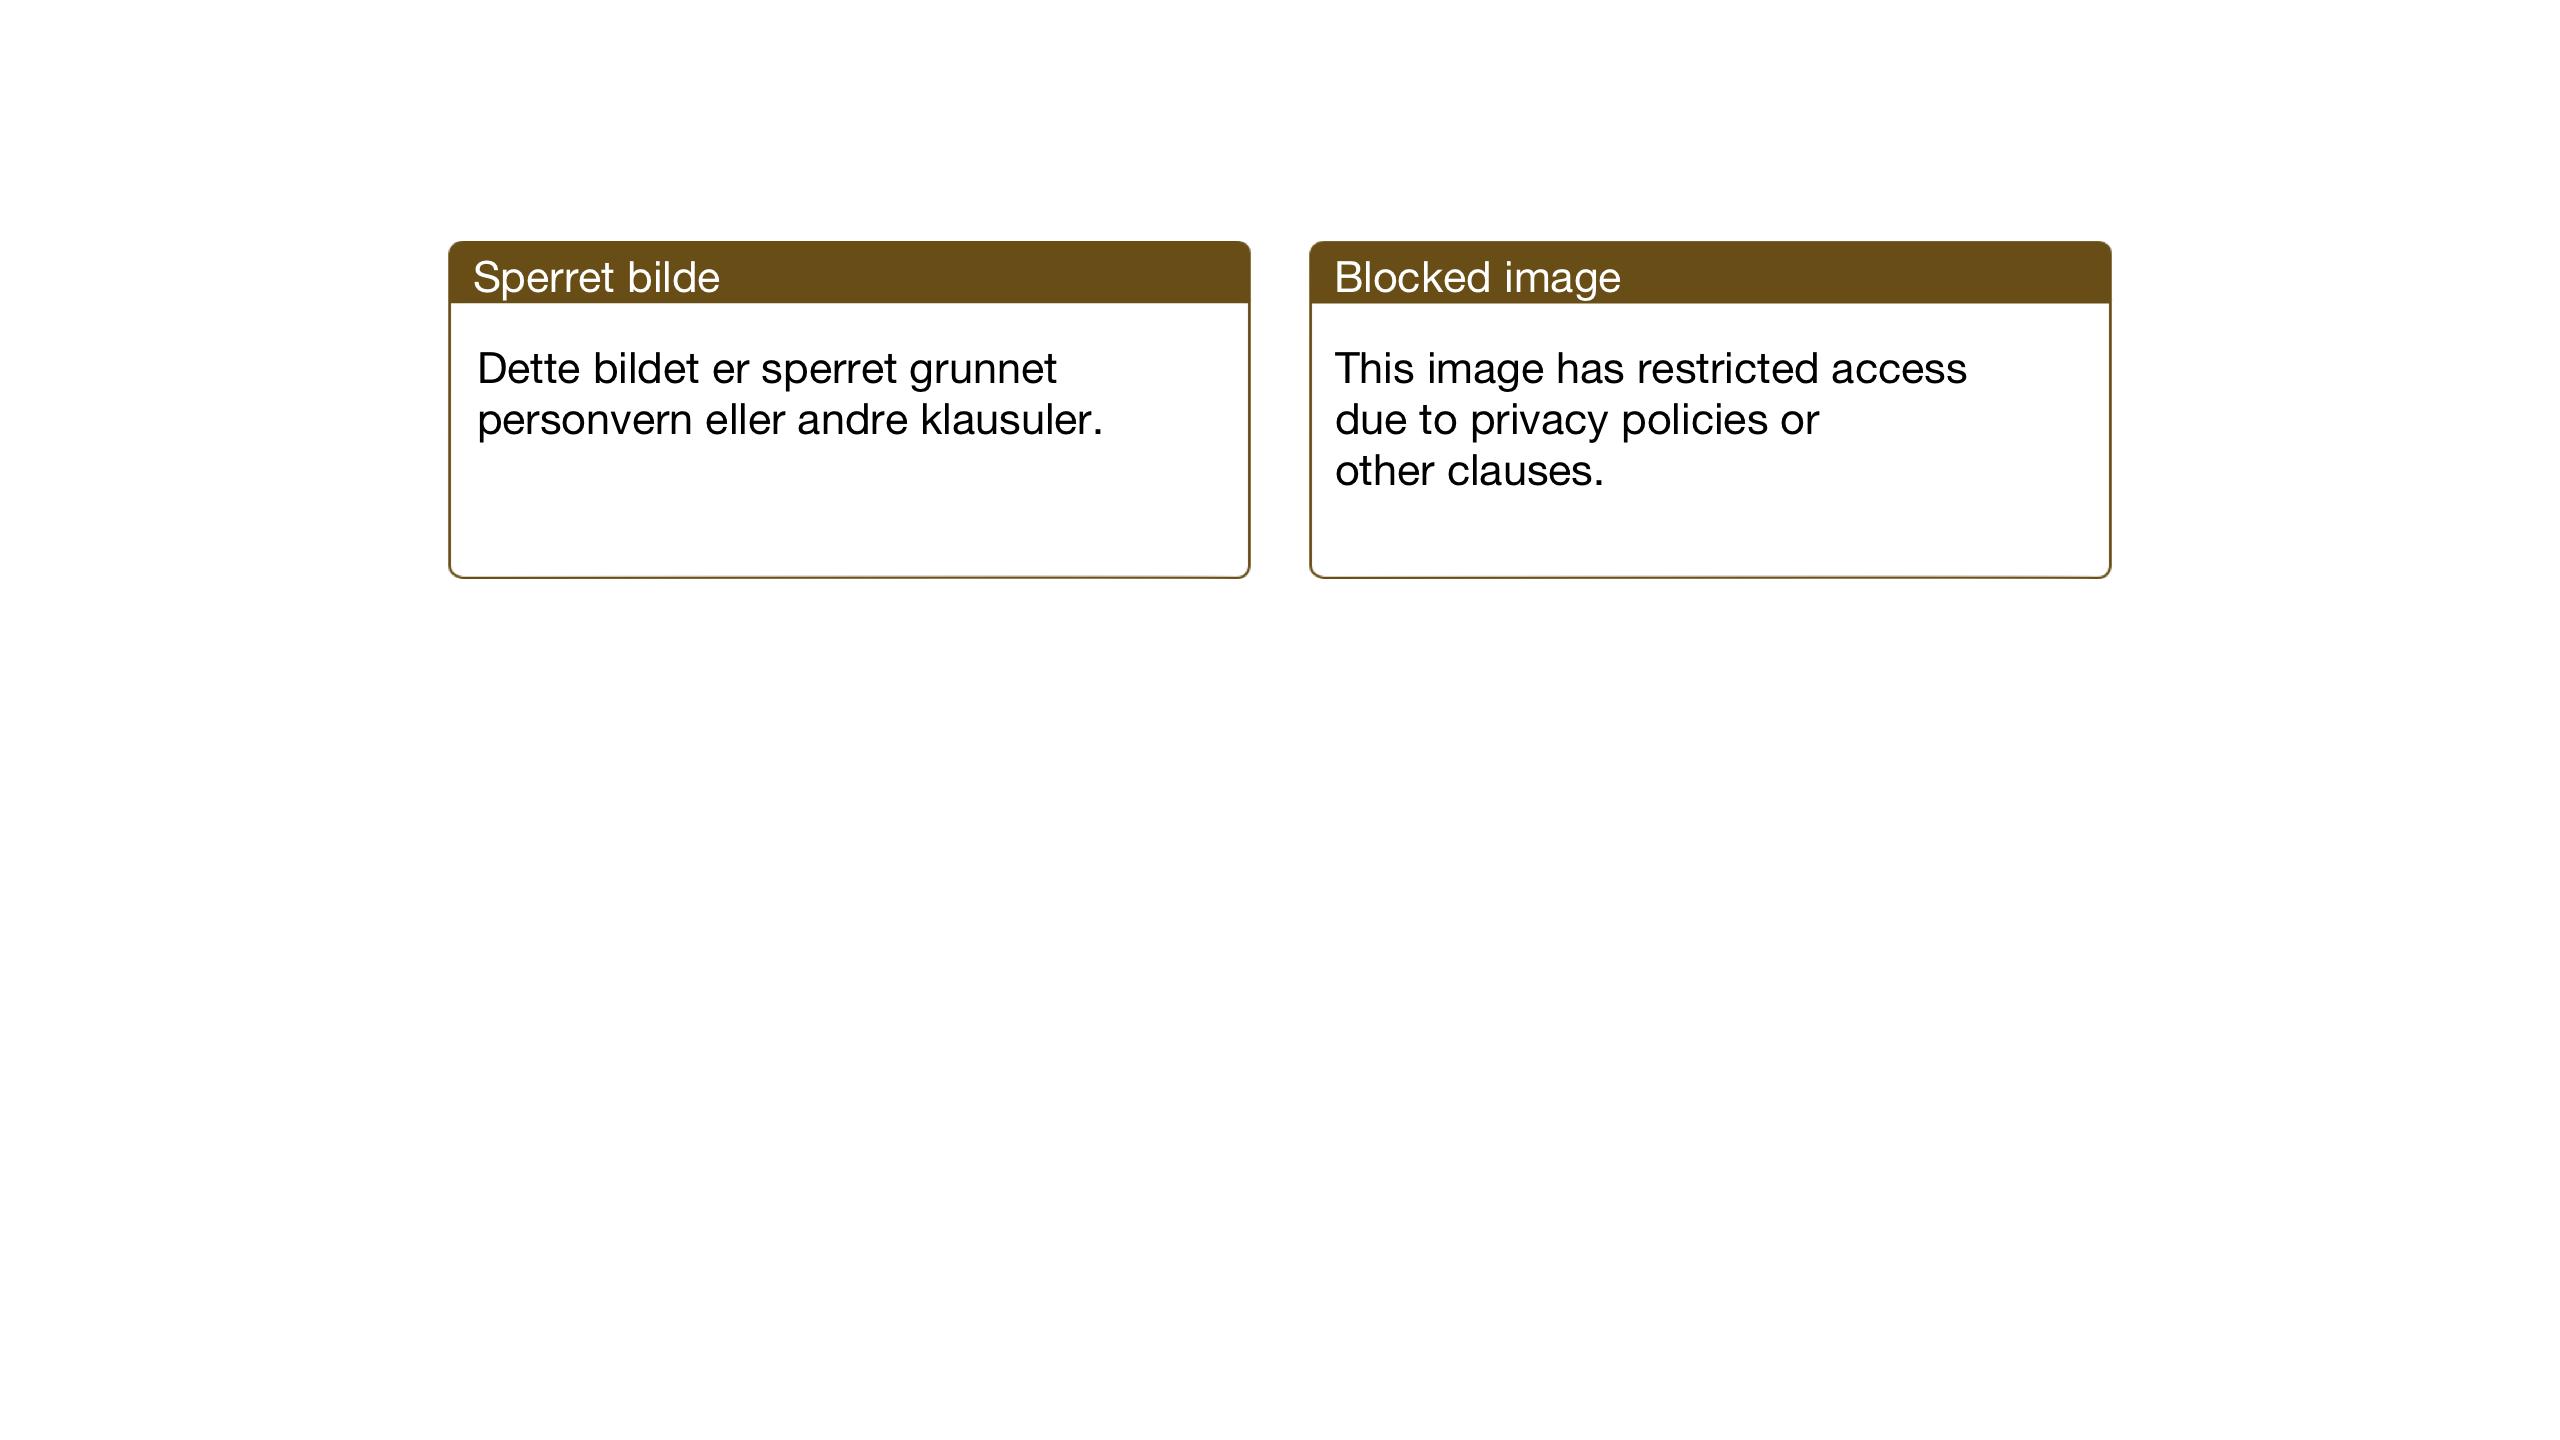 SAT, Ministerialprotokoller, klokkerbøker og fødselsregistre - Sør-Trøndelag, 689/L1045: Klokkerbok nr. 689C04, 1923-1940, s. 55